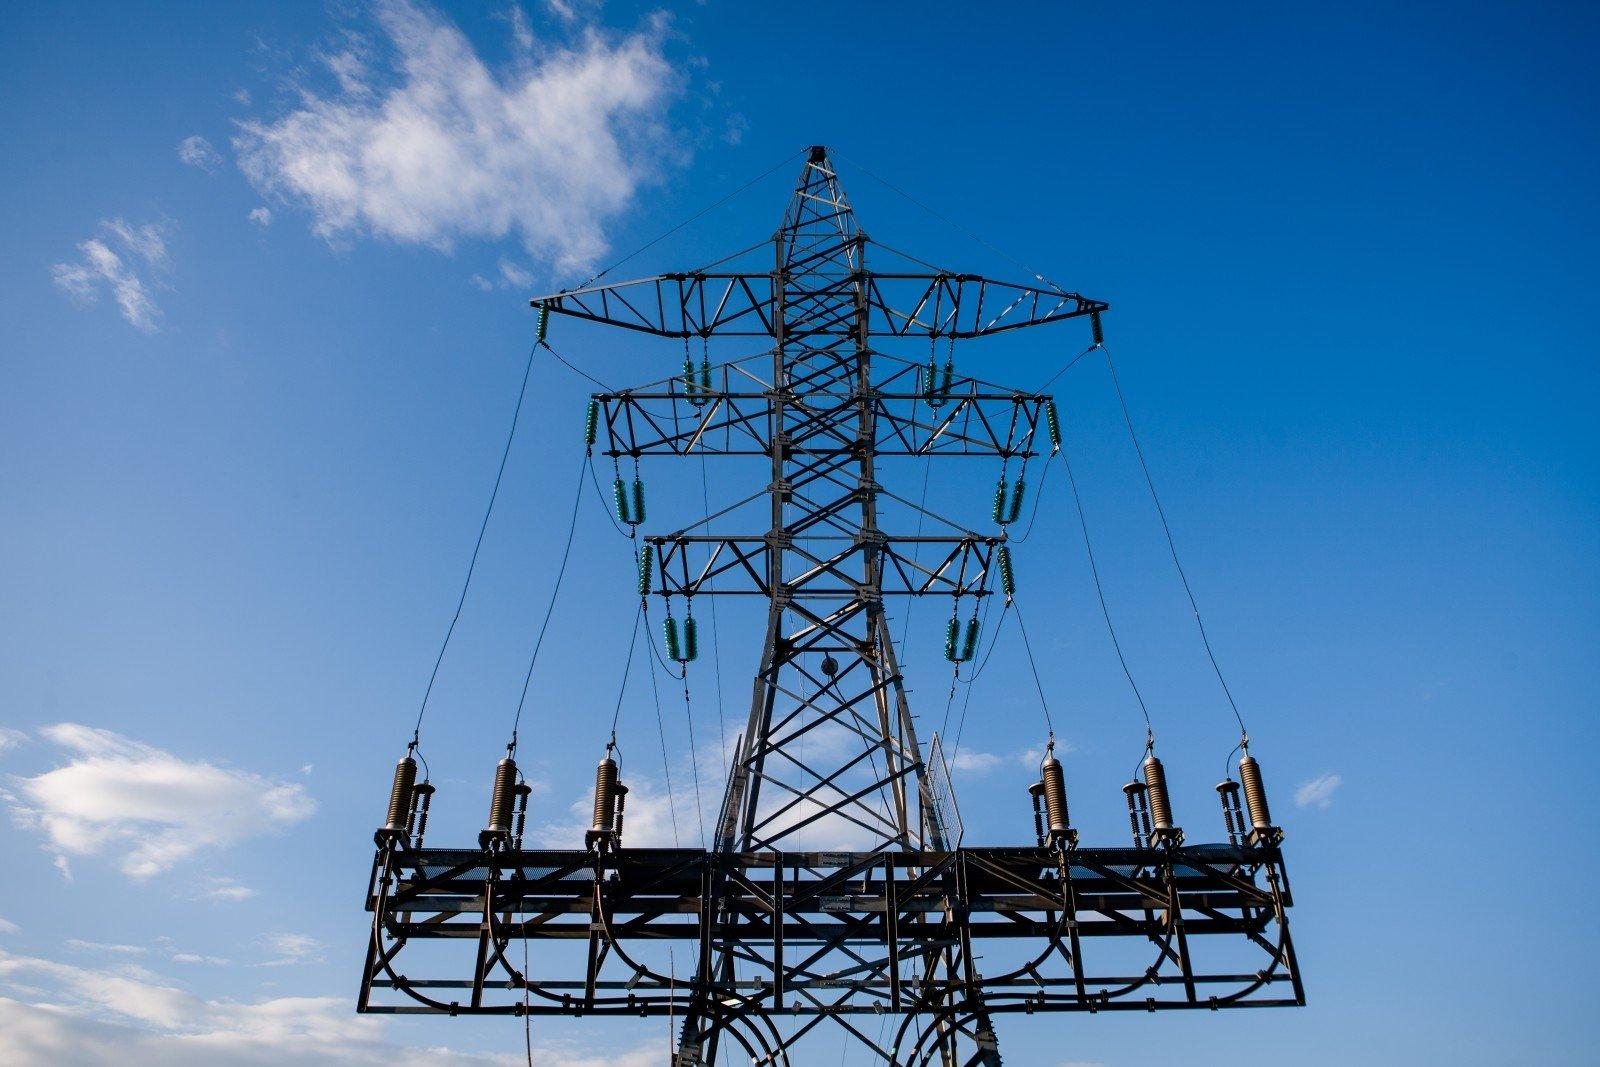 Регулятор розгляне підвищення зарплат в енергокомпаніях наступного тижня